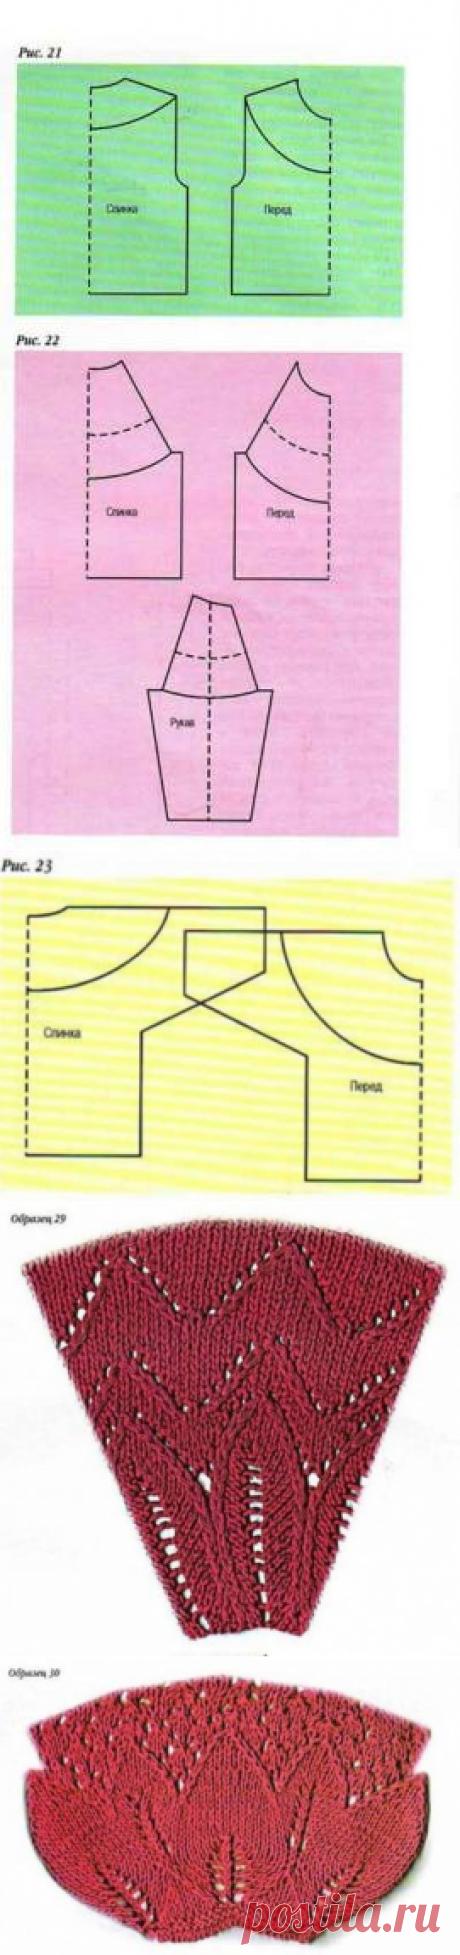 9 уроков по вязанию кокетки спицами